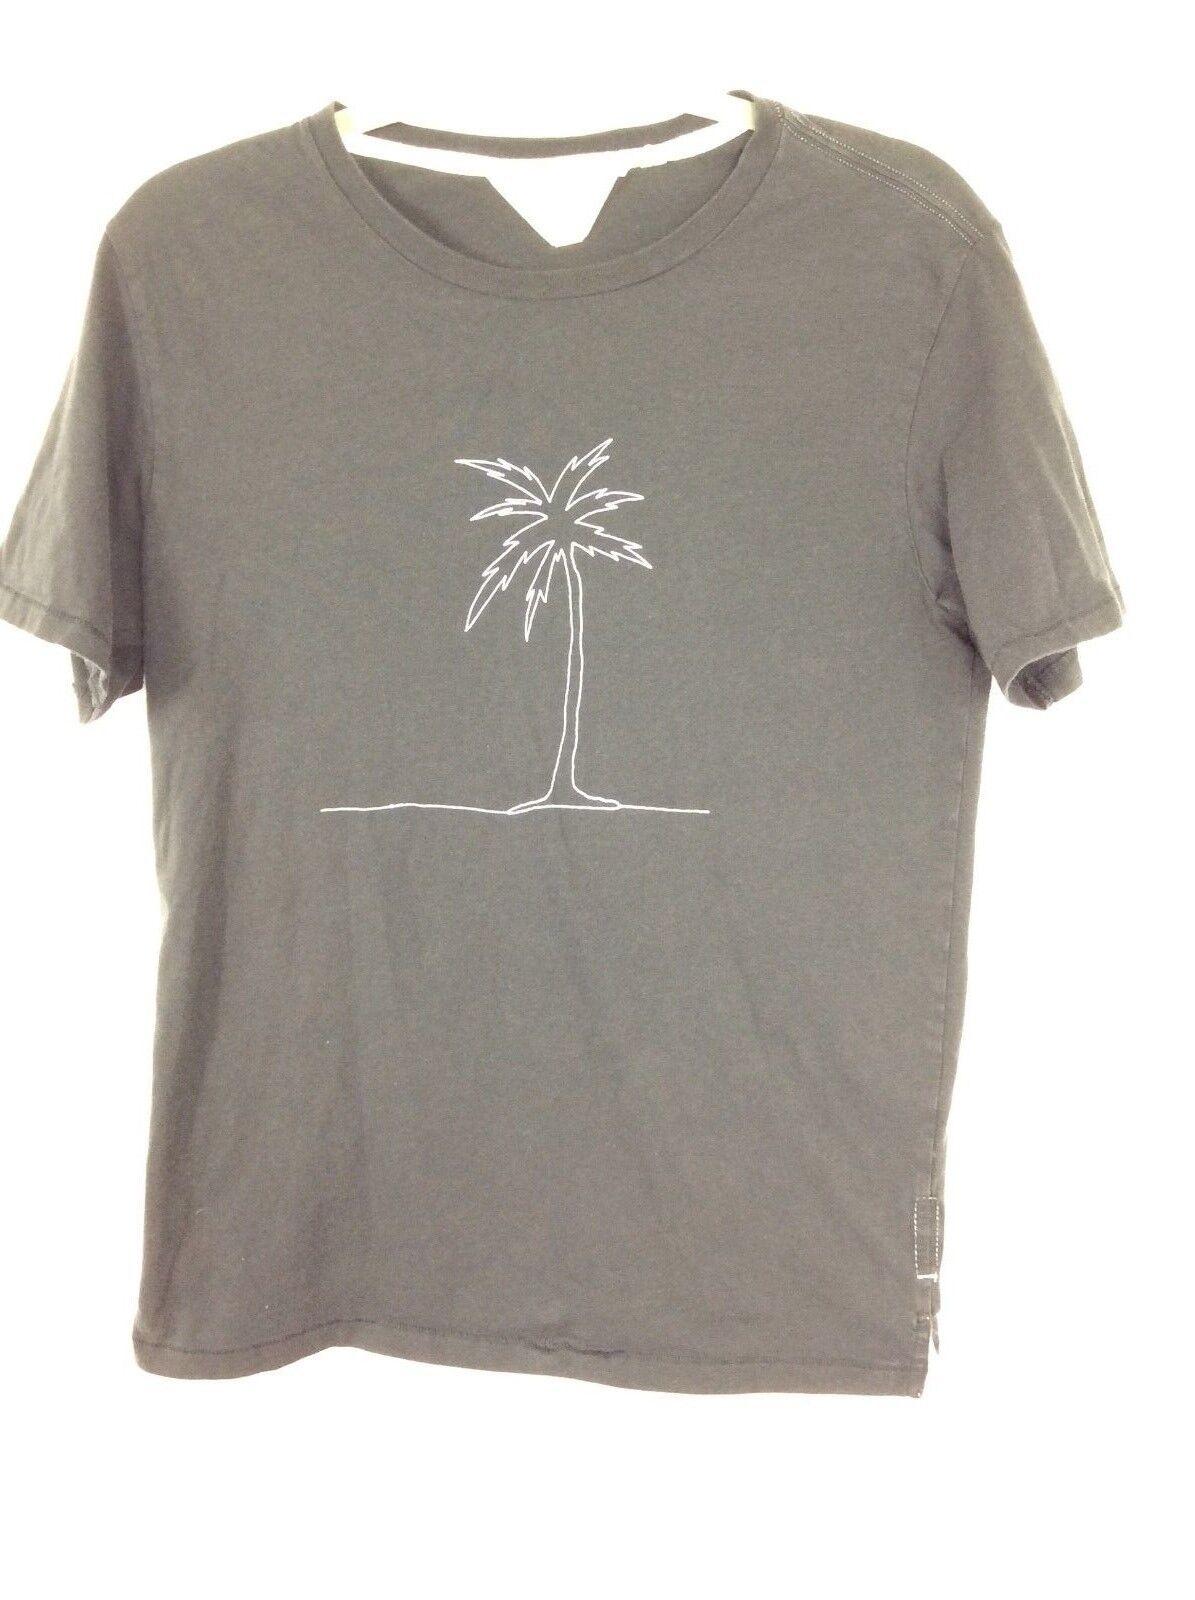 Rag & Bone mens crew neck tee Größe Small schwarz Palm tree 100% cotton